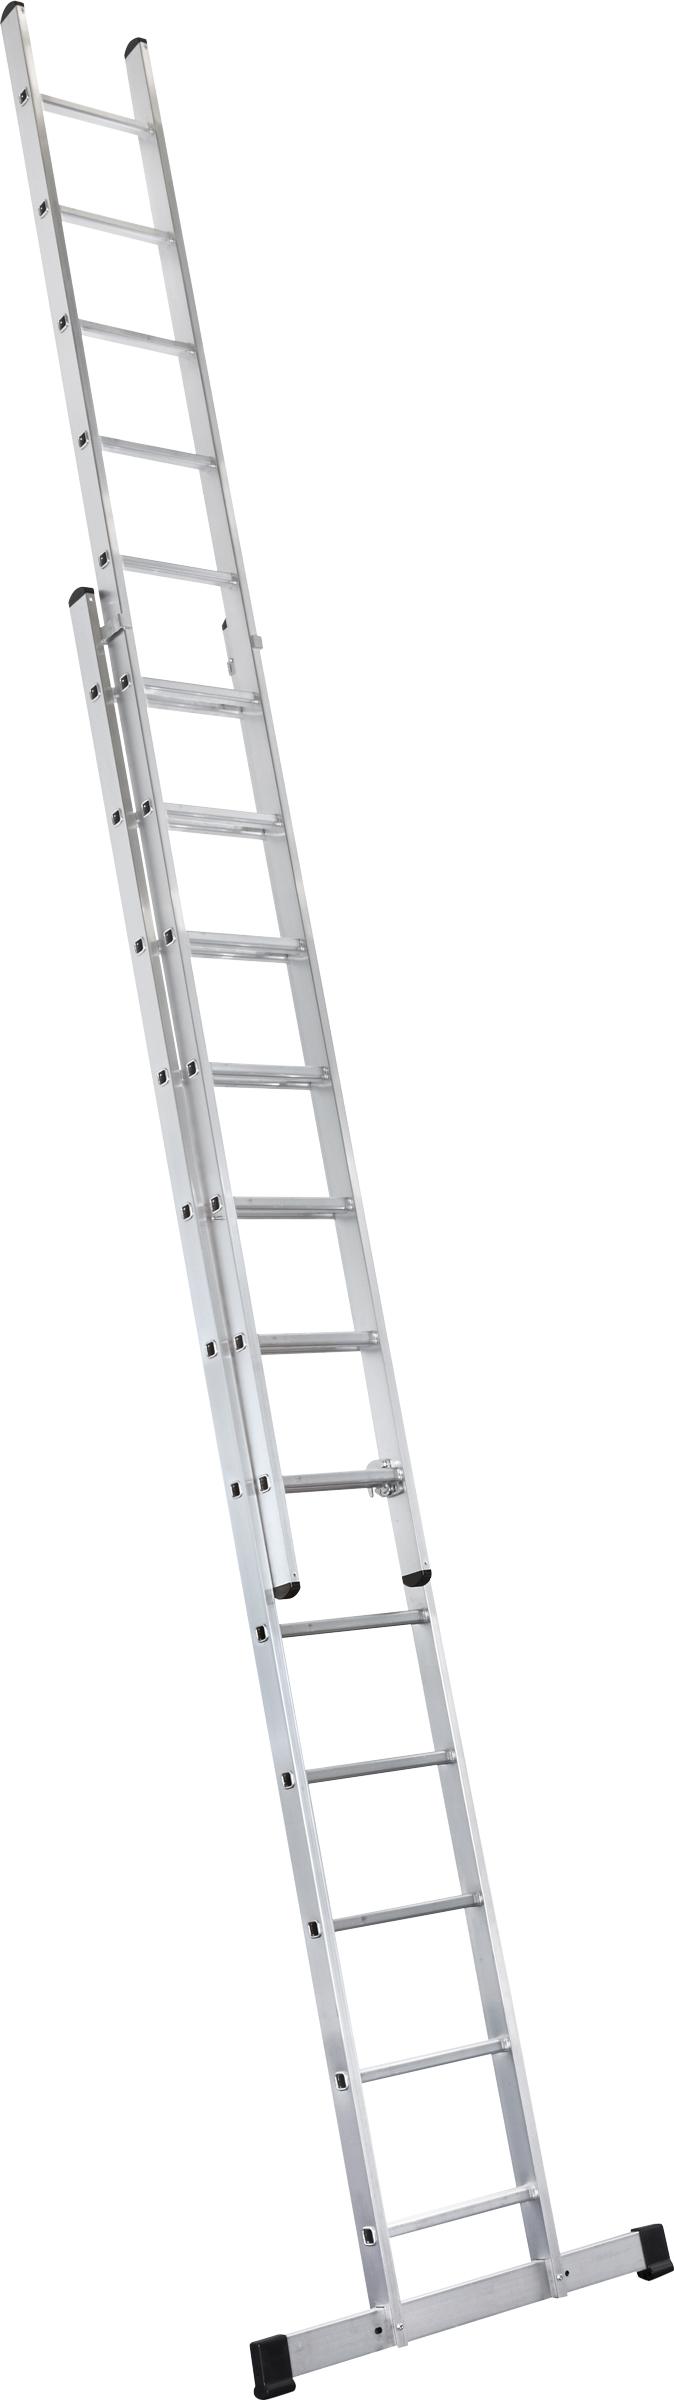 ZARGES Leiter Schiebeleiter Everest 2E - 2x18 Sprossen